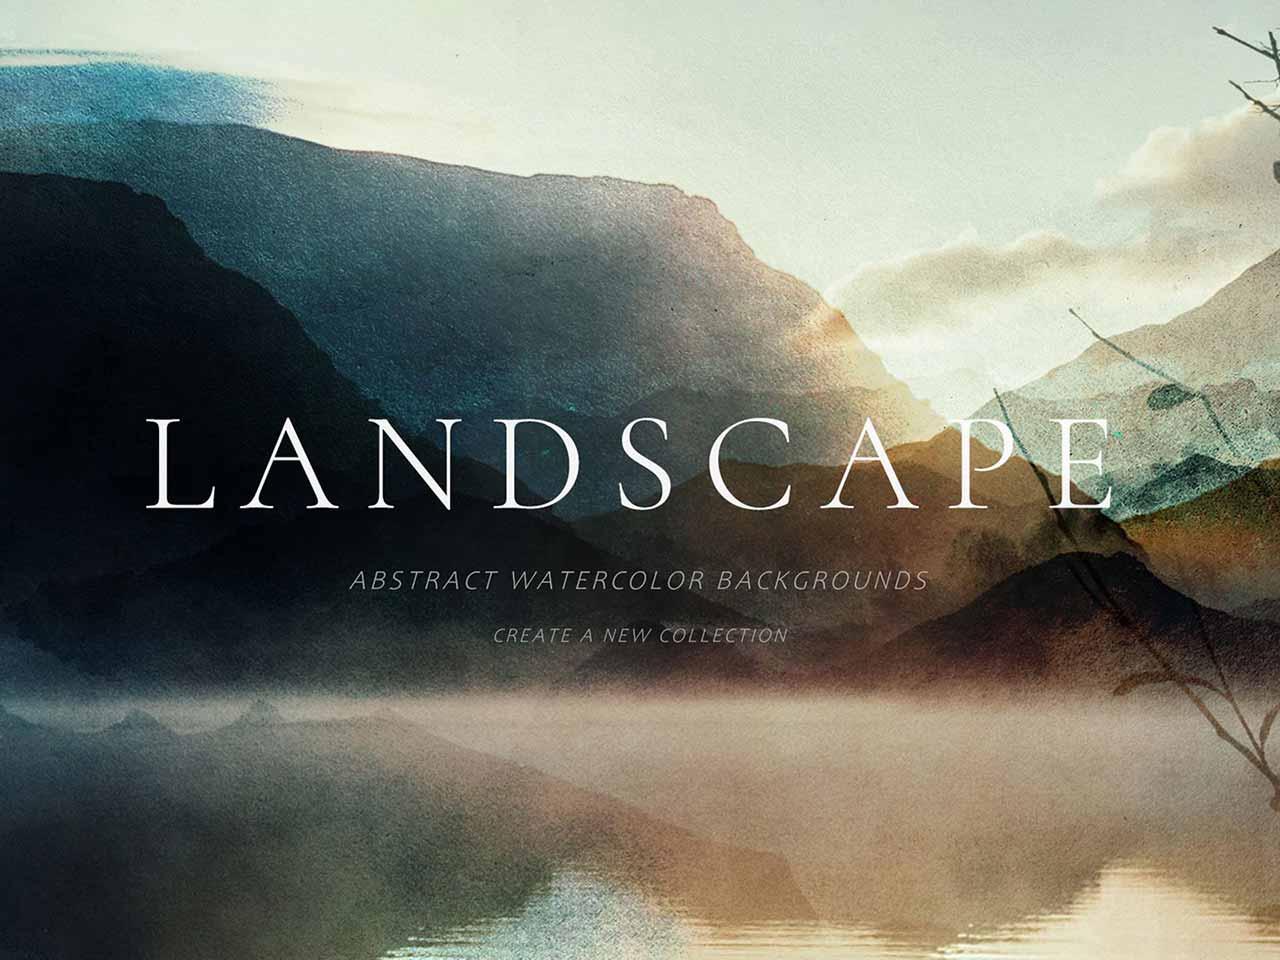 Watercolor Landscape Backgrounds